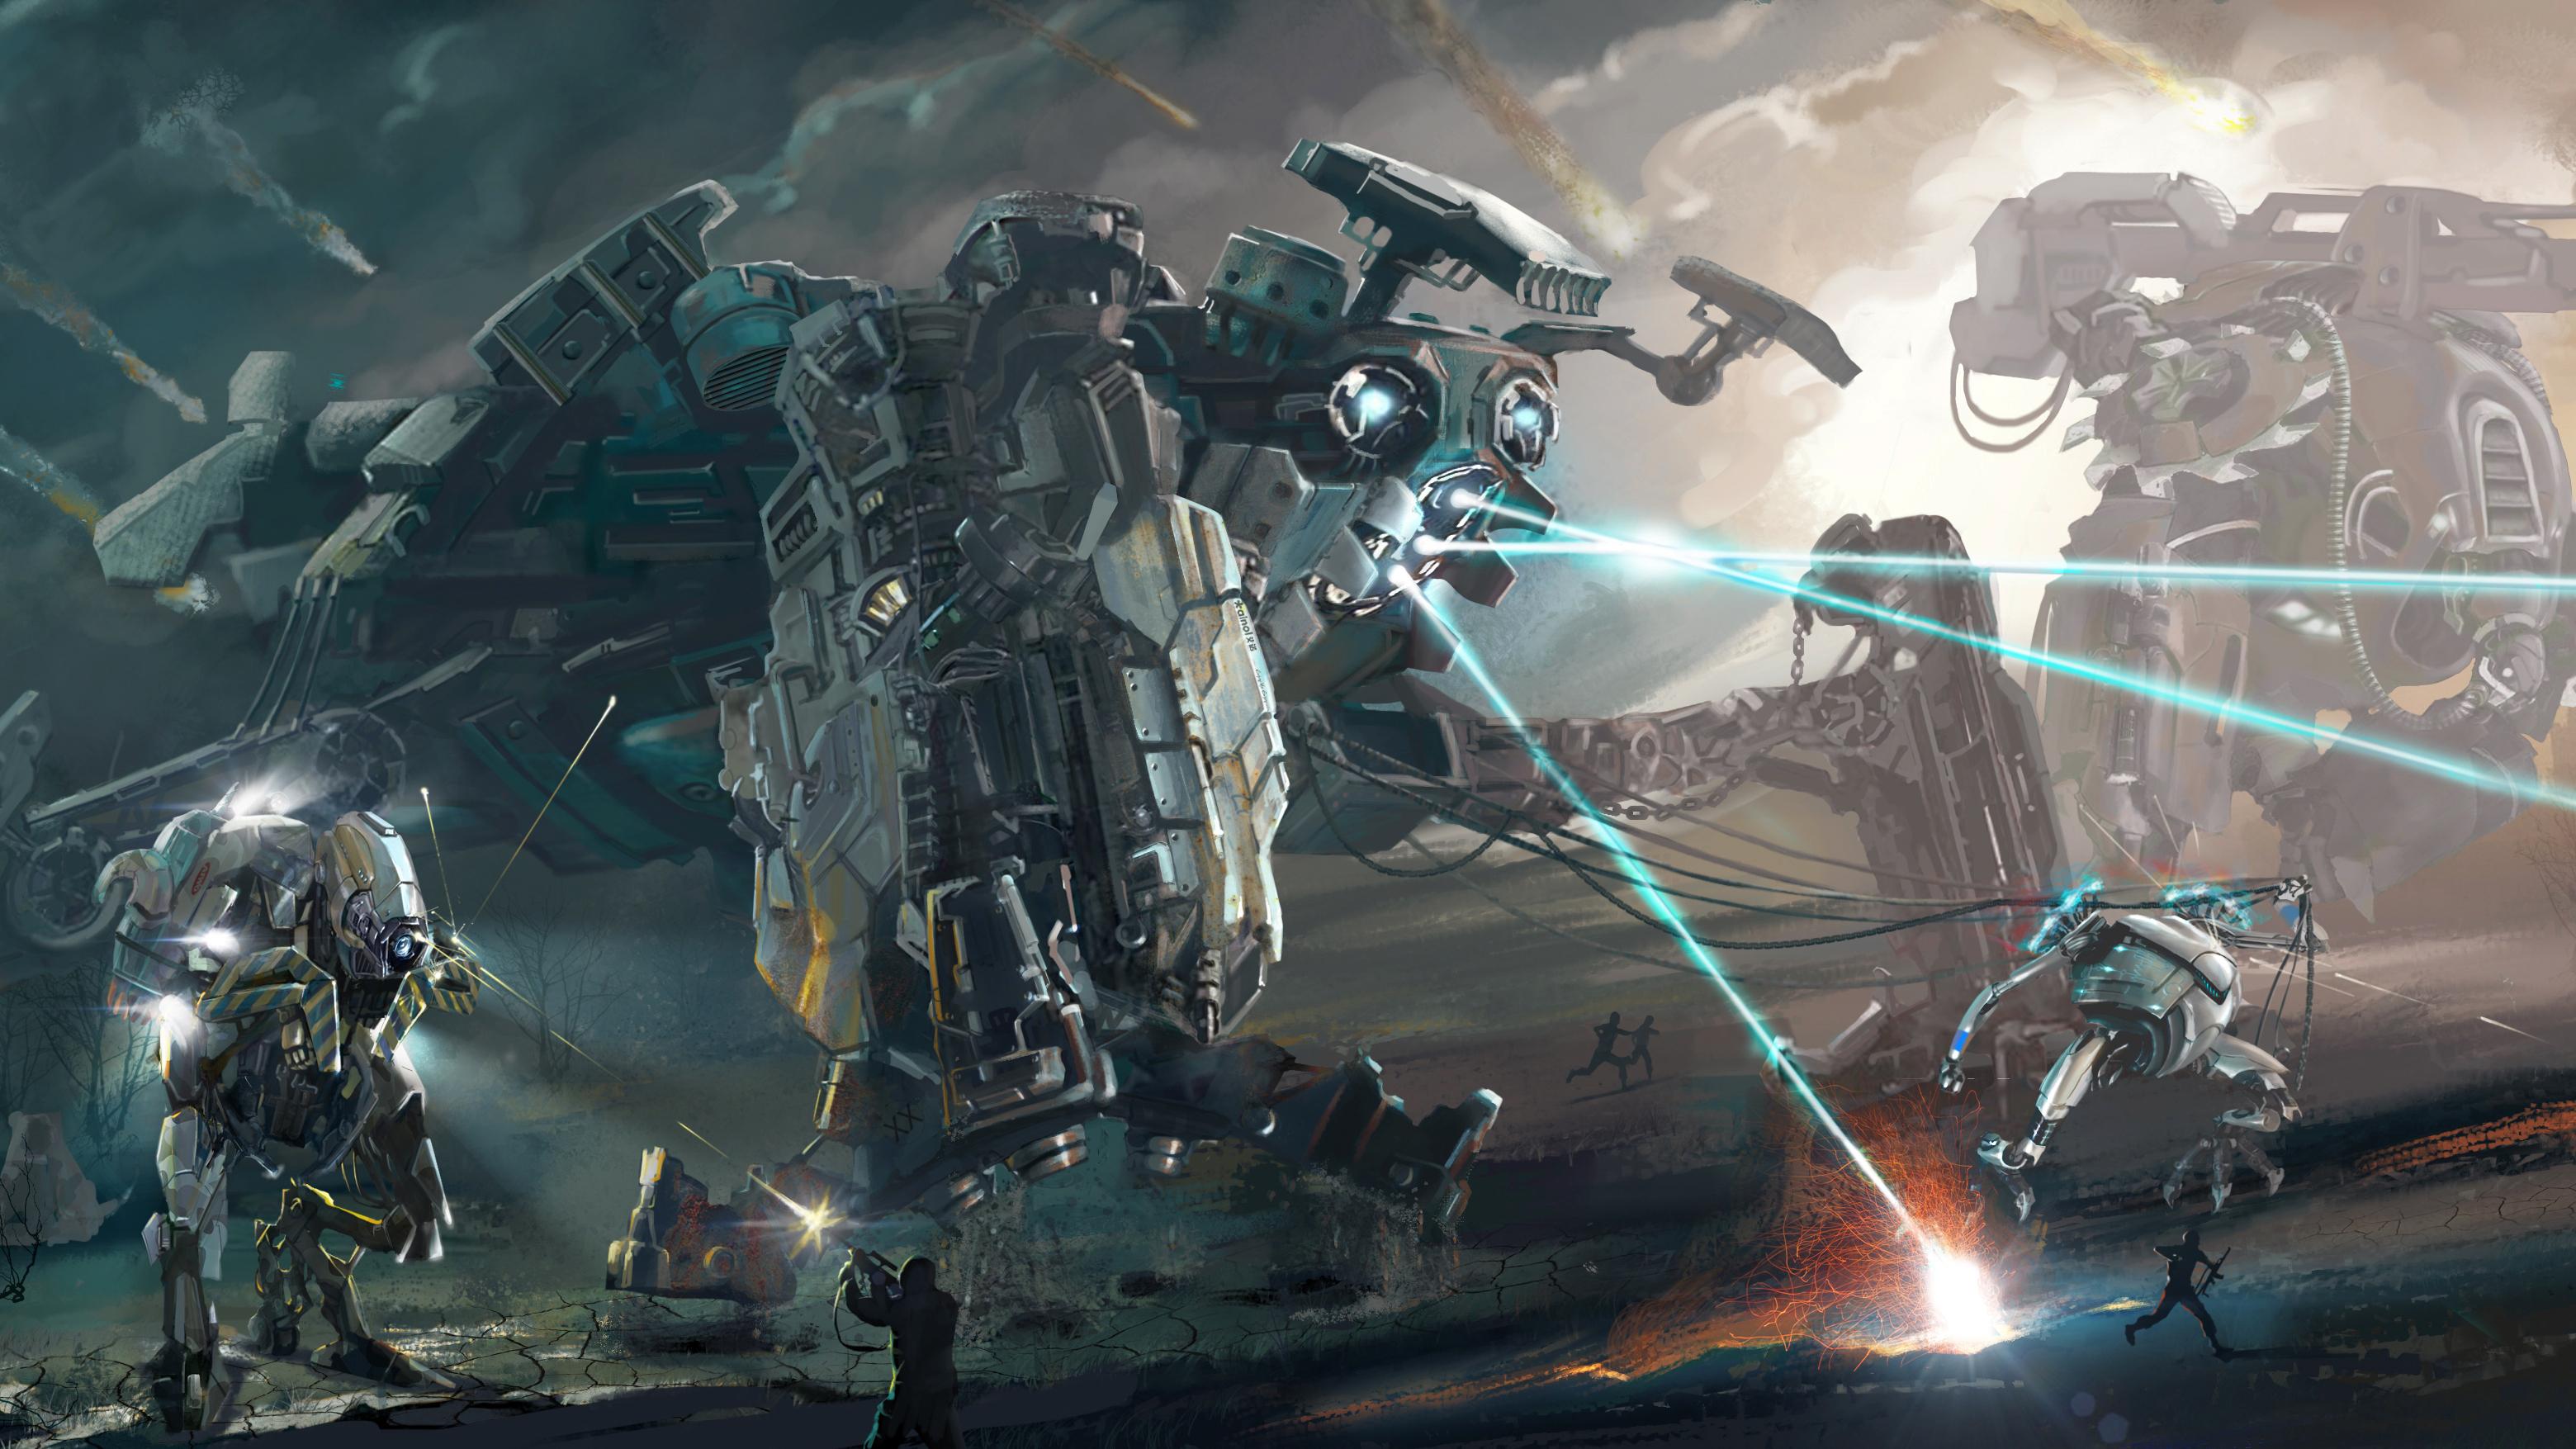 Battles Robot Firing Fantasy Robot Mecha Battle Wallpaper - Futuristic Battlefield Concept Art , HD Wallpaper & Backgrounds